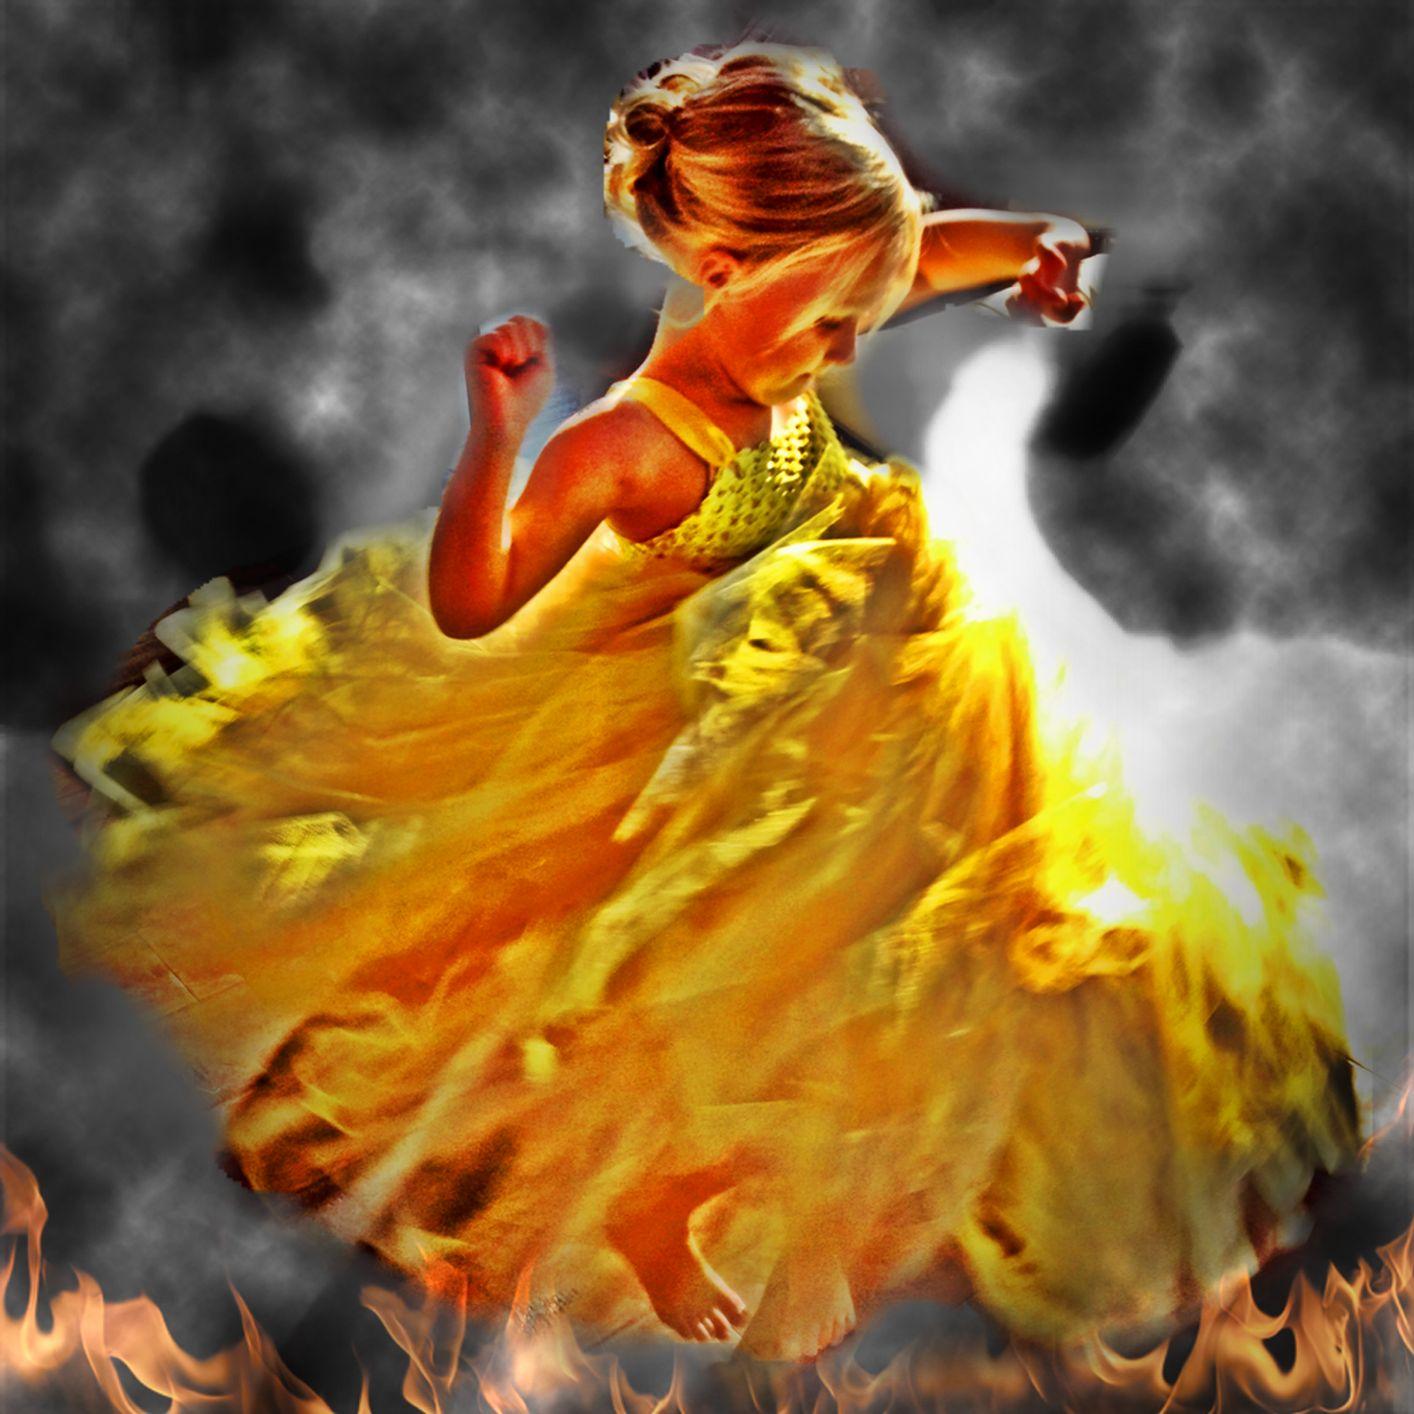 Girl on Fire.jpg